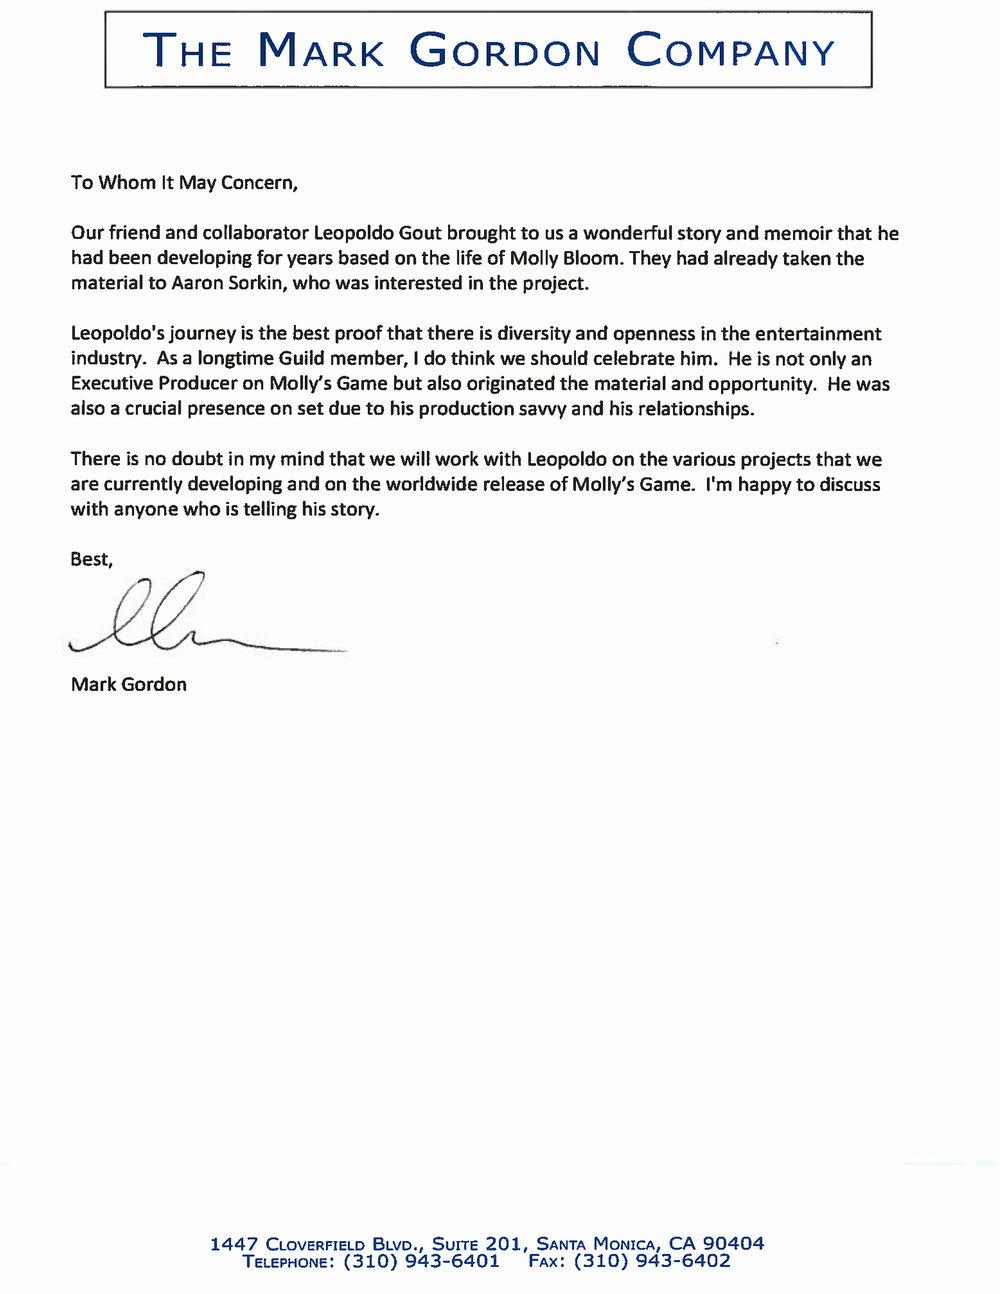 Leopoldo Gout Gordon Letter.jpg